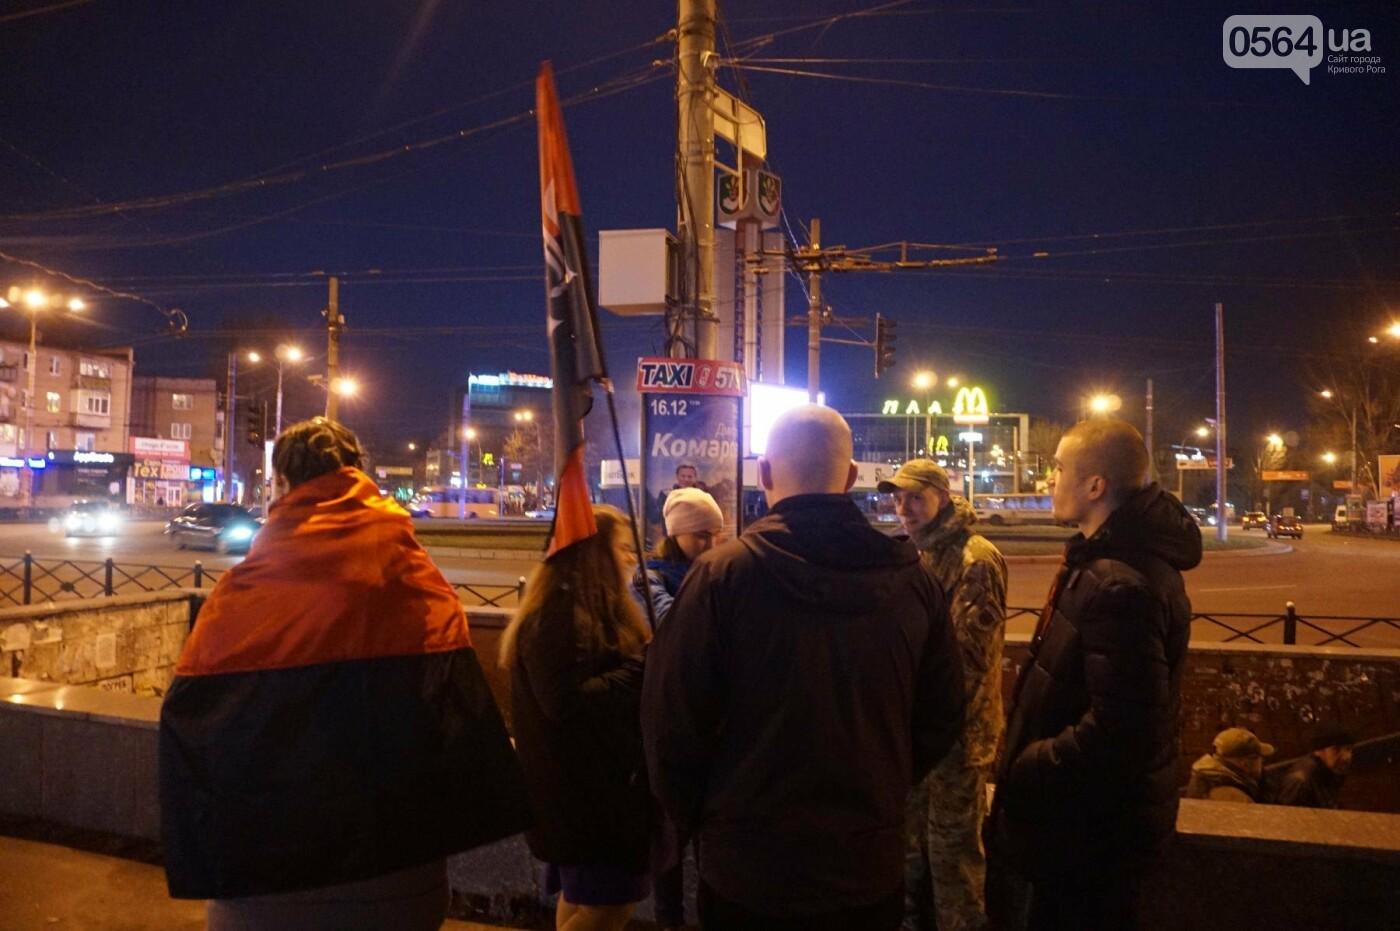 В Кривом Роге проходит Факельный марш в честь Дня рождения Степана Бандеры (ФОТО, ВИДЕО), фото-2